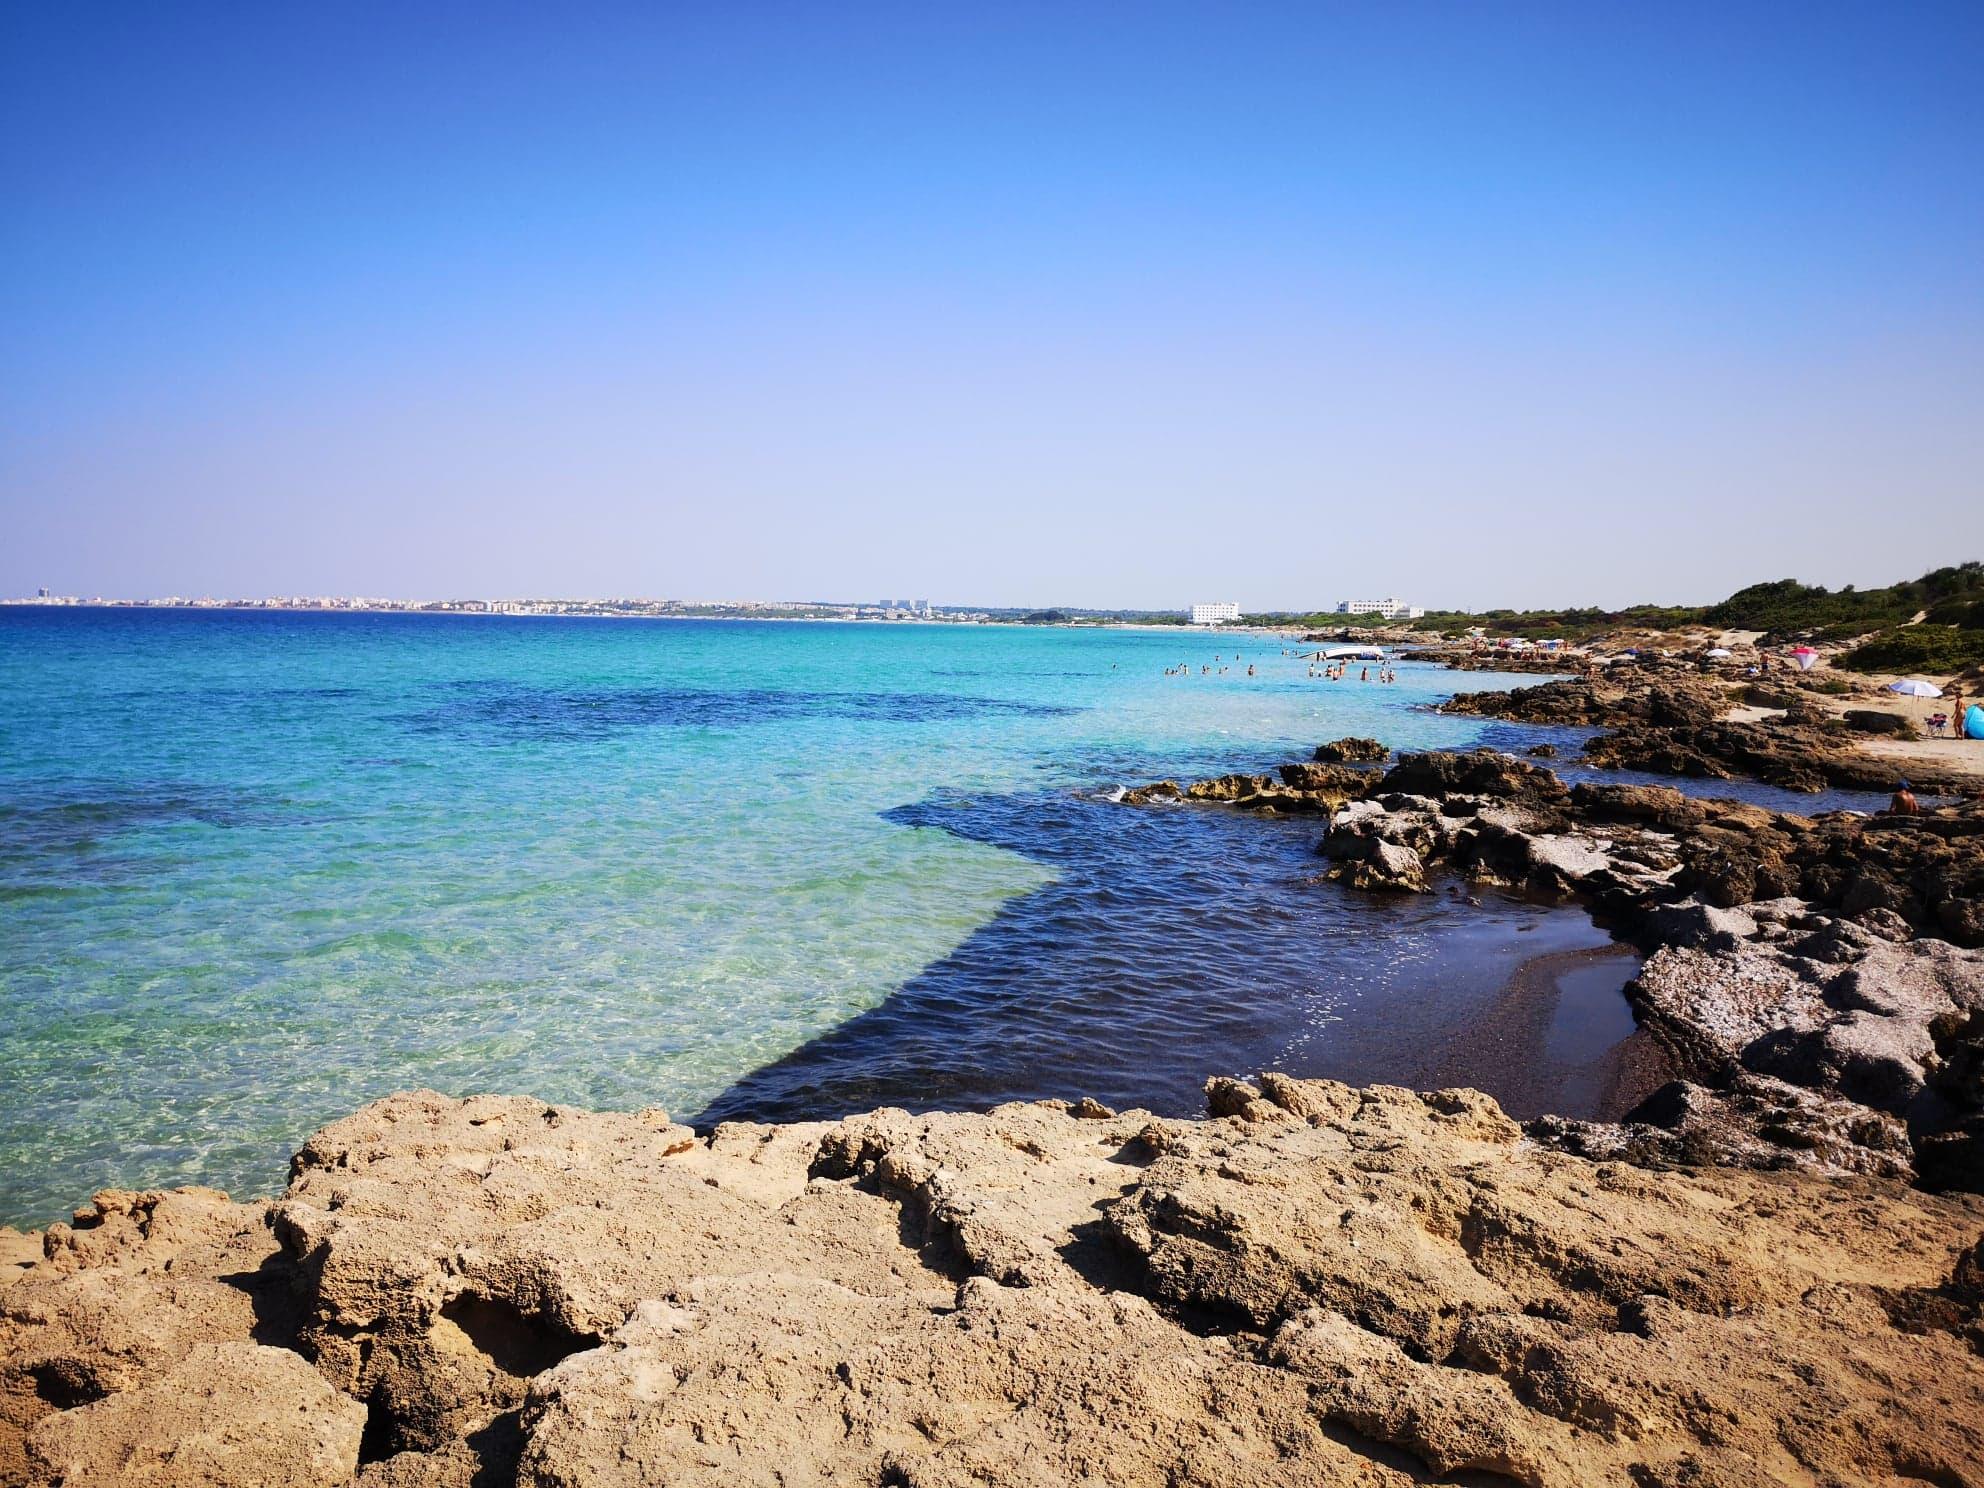 Plage de Punta della Suina